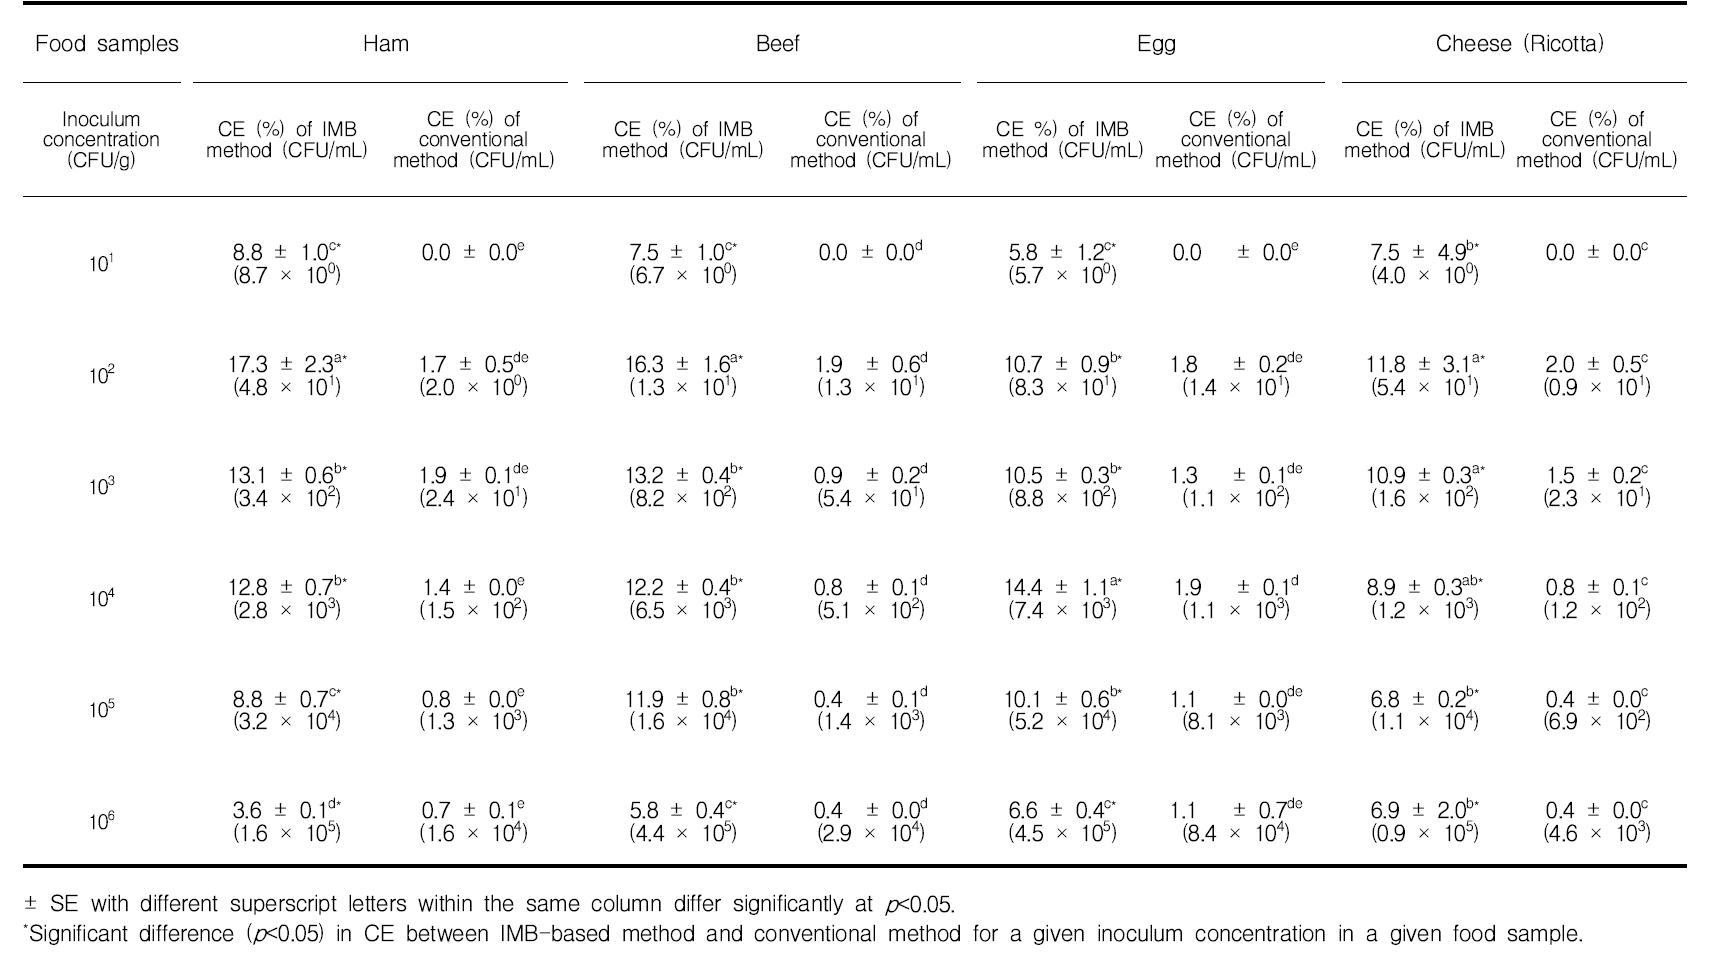 면역자성입자를 활용한 햄, 소고기, 계란, 치즈에서 E. coli O157:H7의 회수율